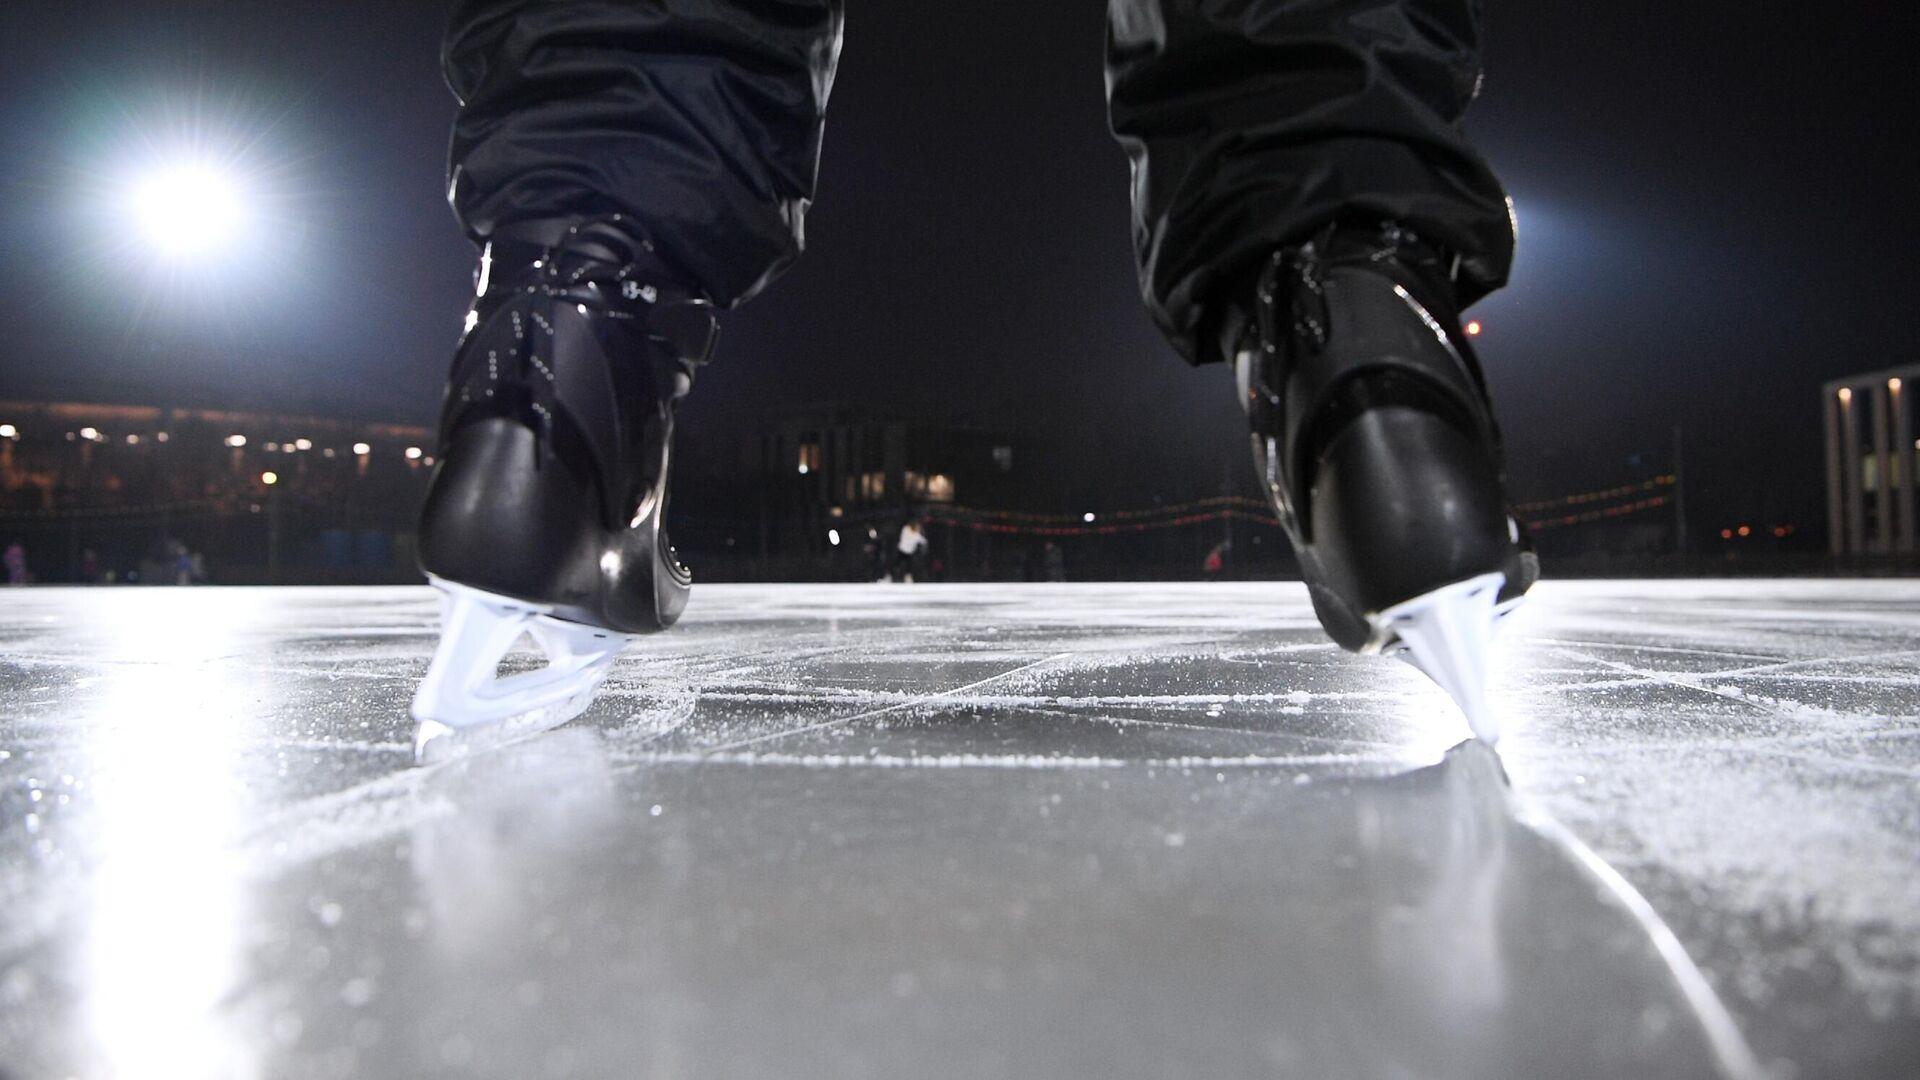 Отдыхающий катается на льду открывшегося катка Южный плюс в Лужниках - РИА Новости, 1920, 26.01.2021